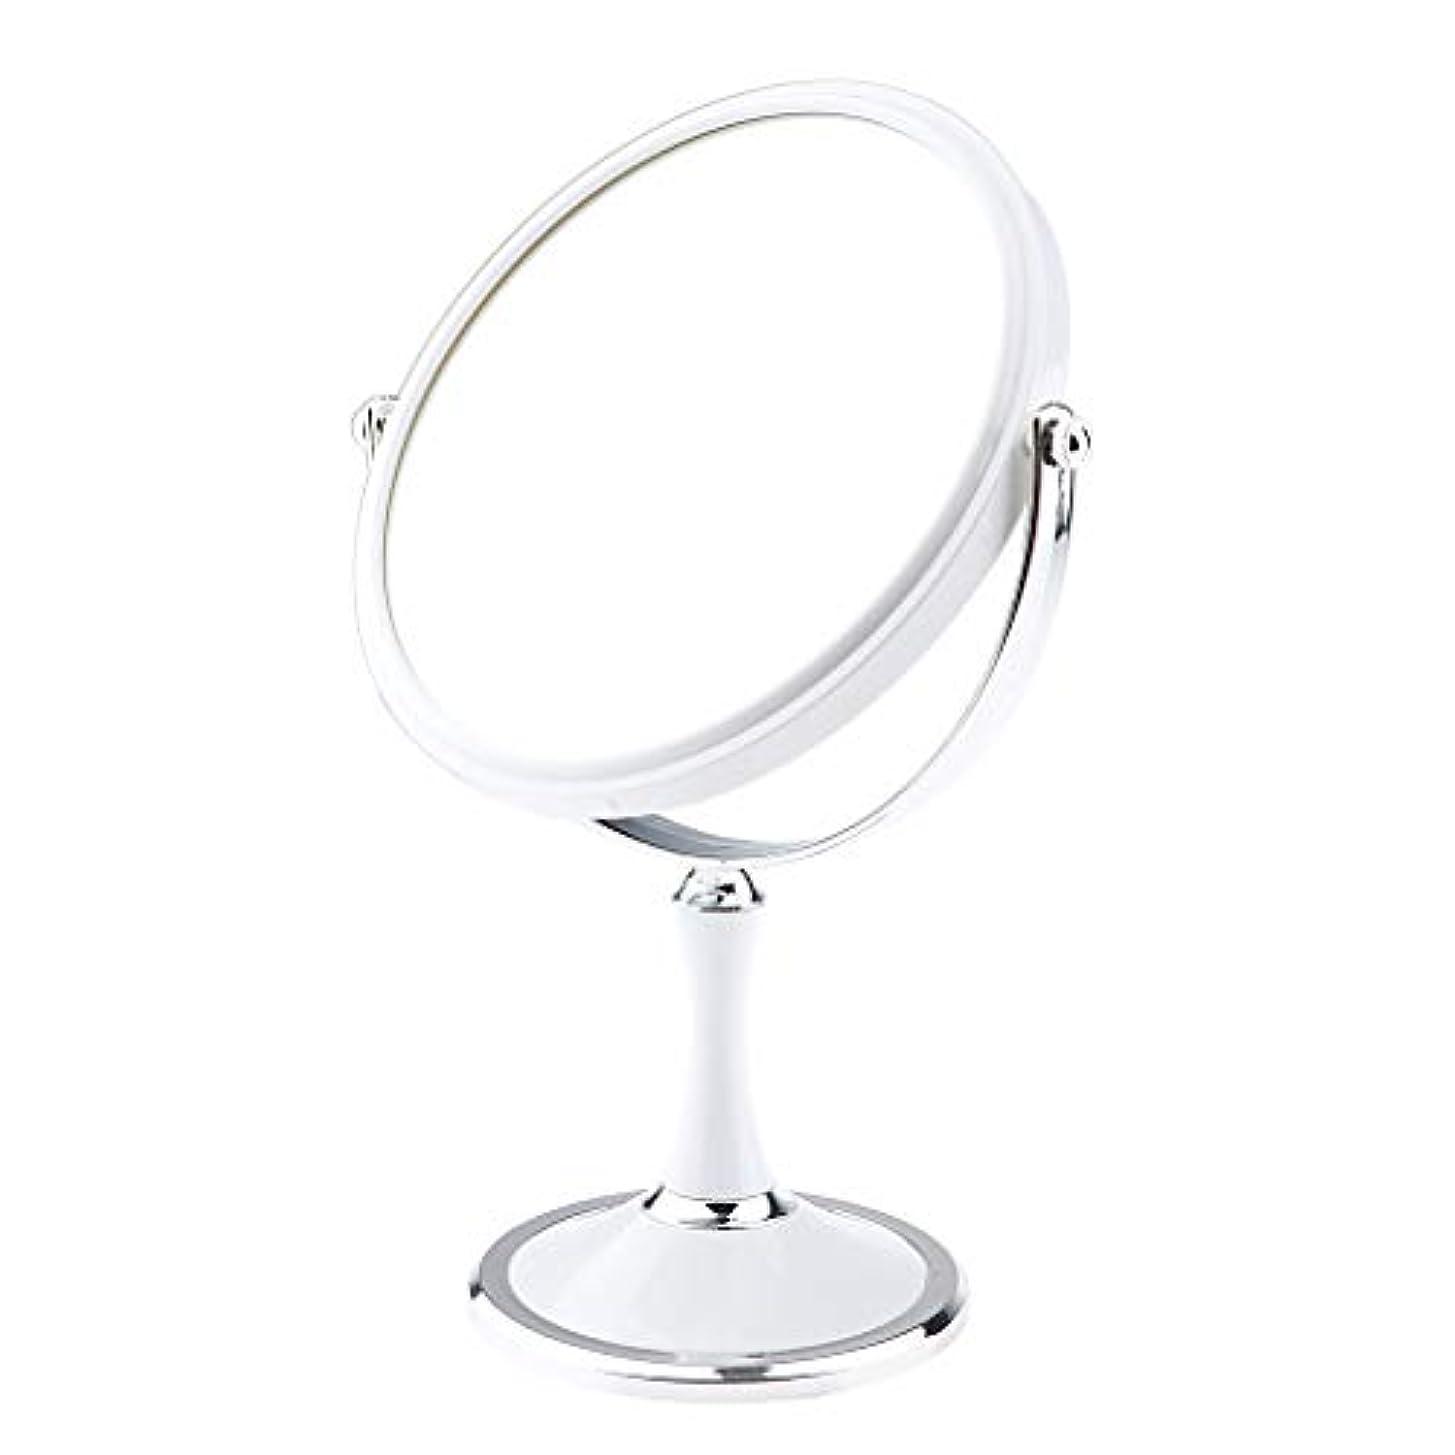 遊具モニター下品化粧鏡 スタンド 卓上ミラー メイクアップミラー メイクミラー 拡大鏡 360度回転 2色選べ - 白